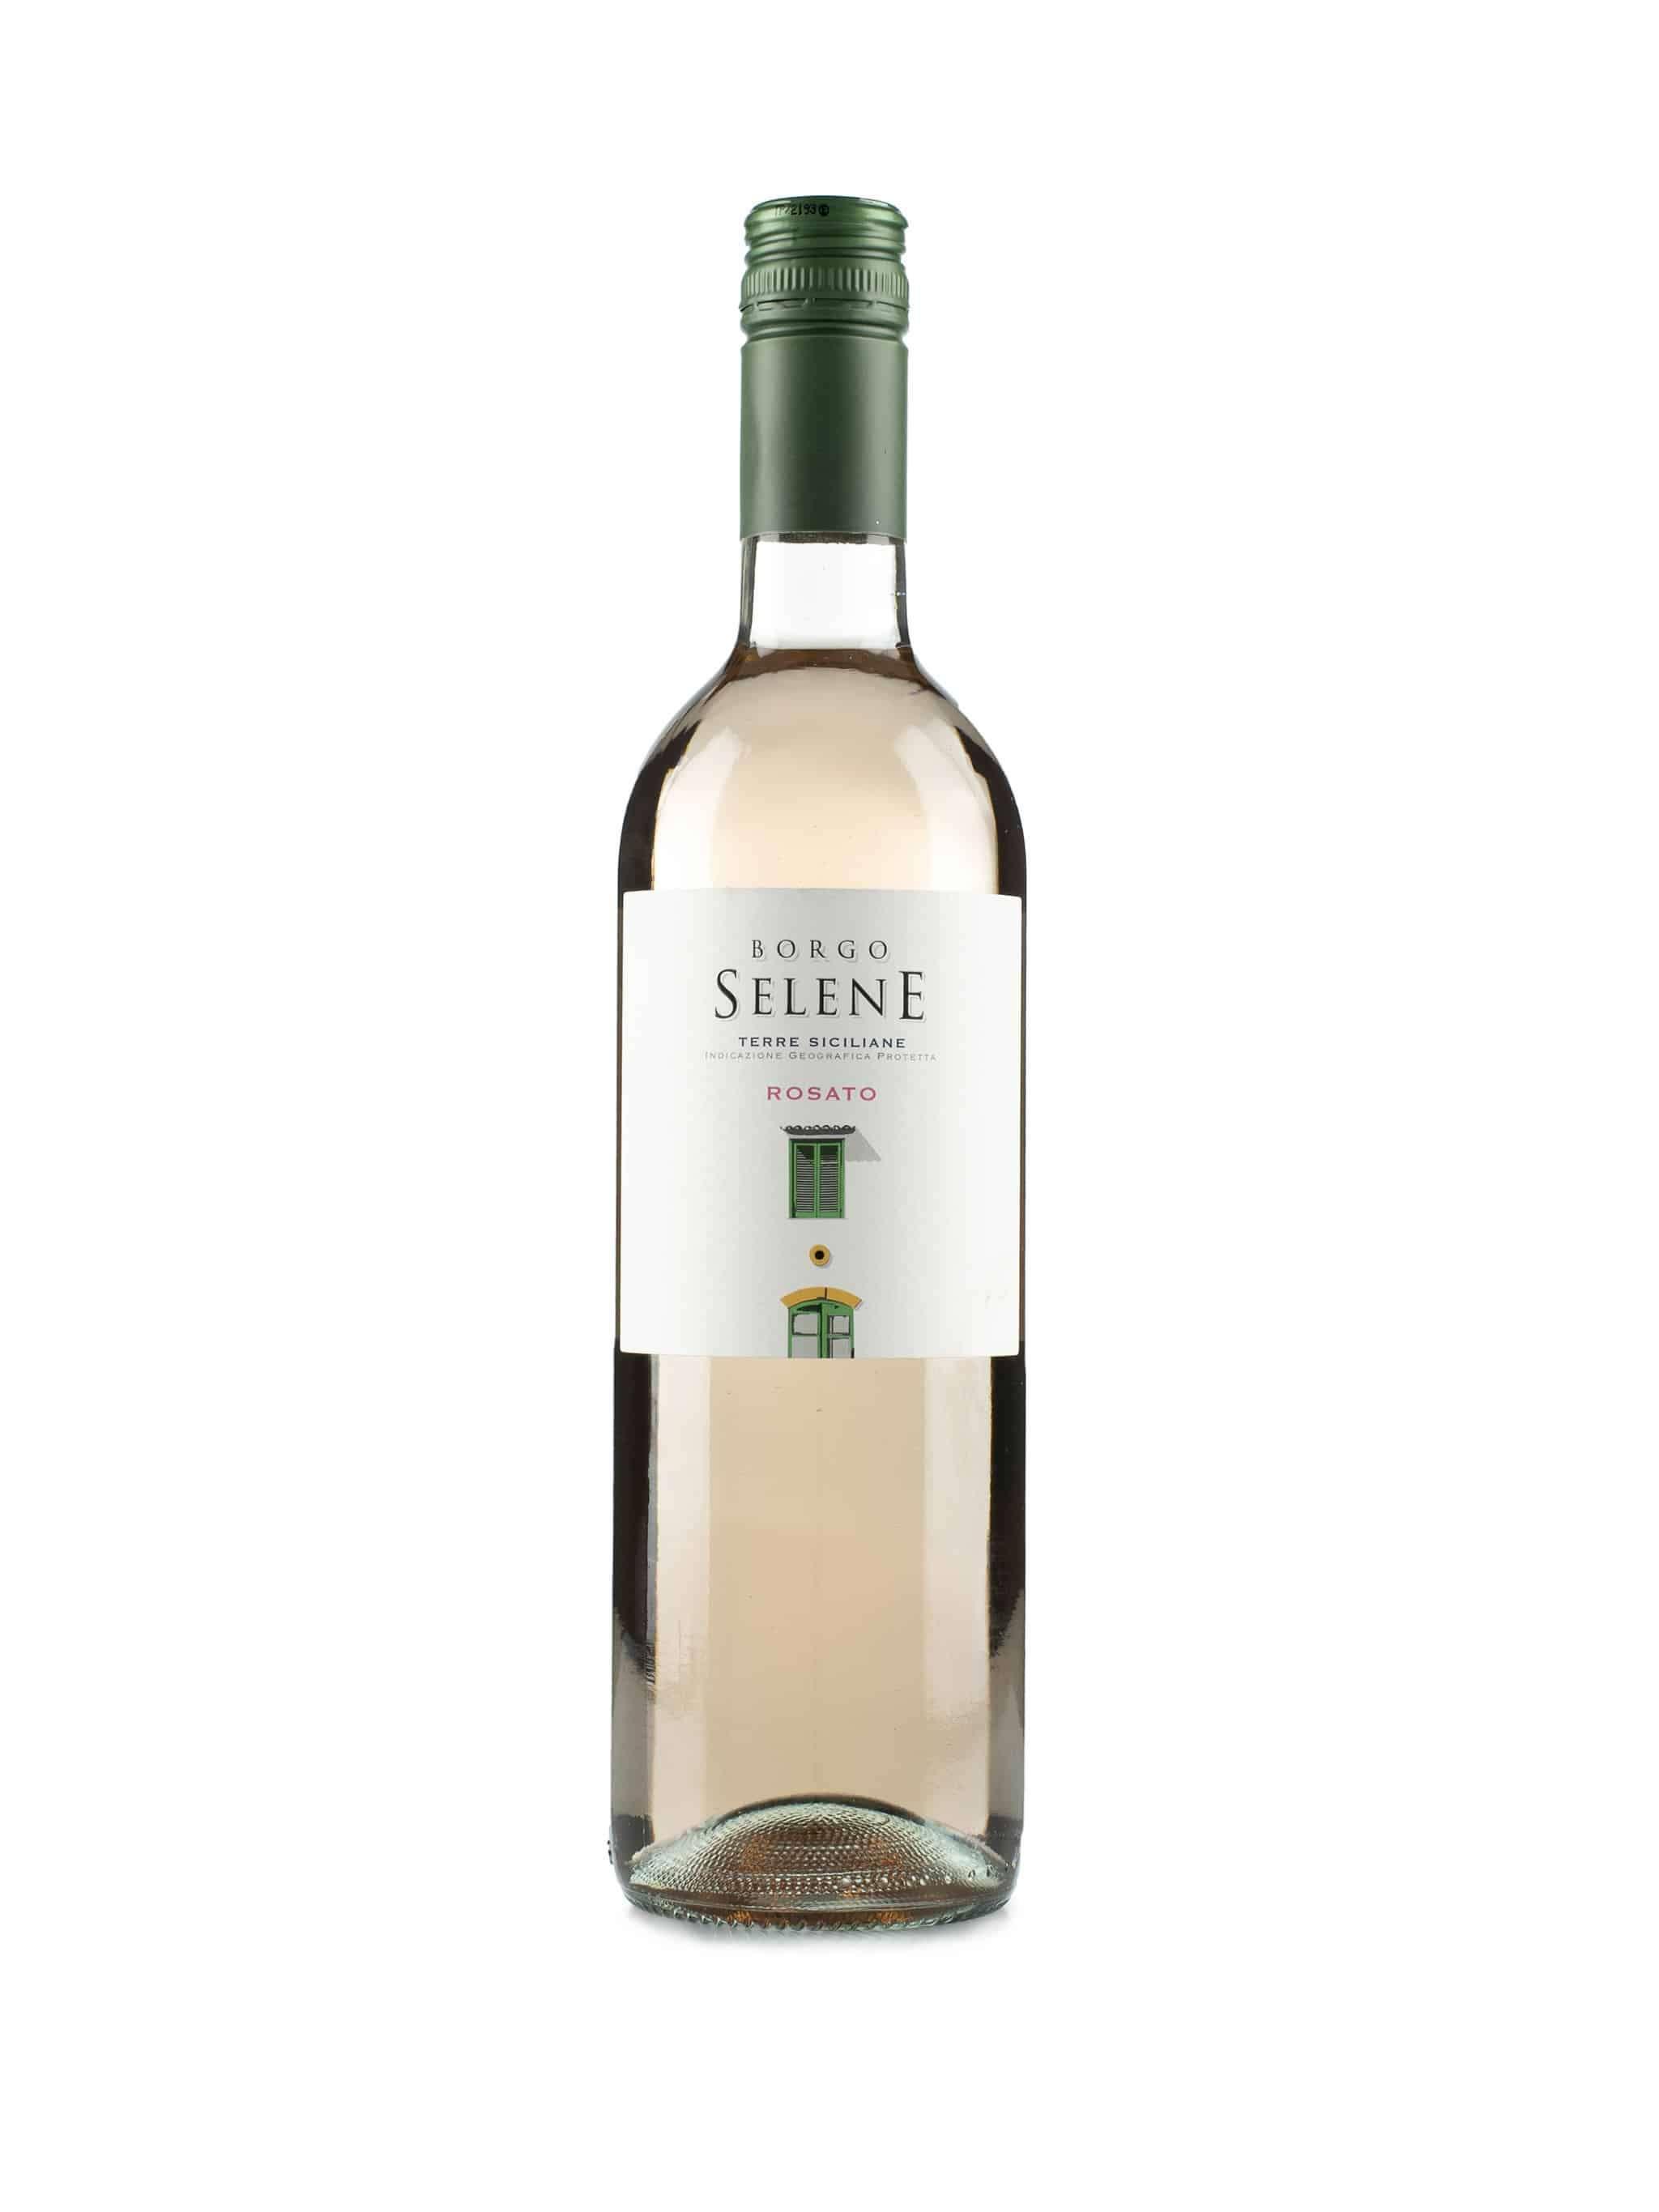 Italiaanse rosé wijn van wijndomein Borgo Selene: Borgo Selene Rosato